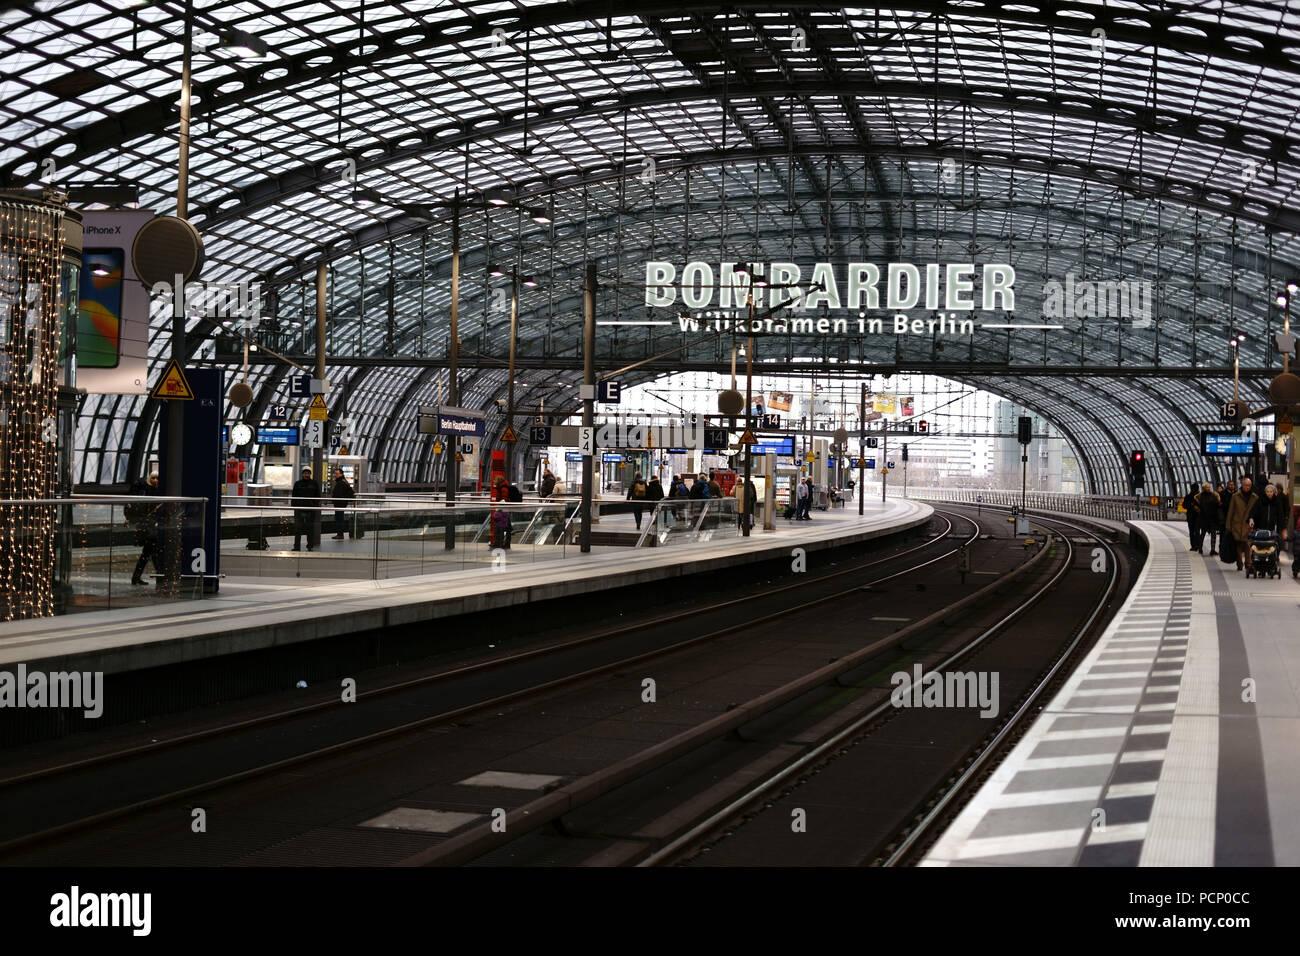 Eine Plattform der zentralen Berliner station mit Reisenden und eine unverwechselbare Dachkonstruktion in Berlin. Stockbild